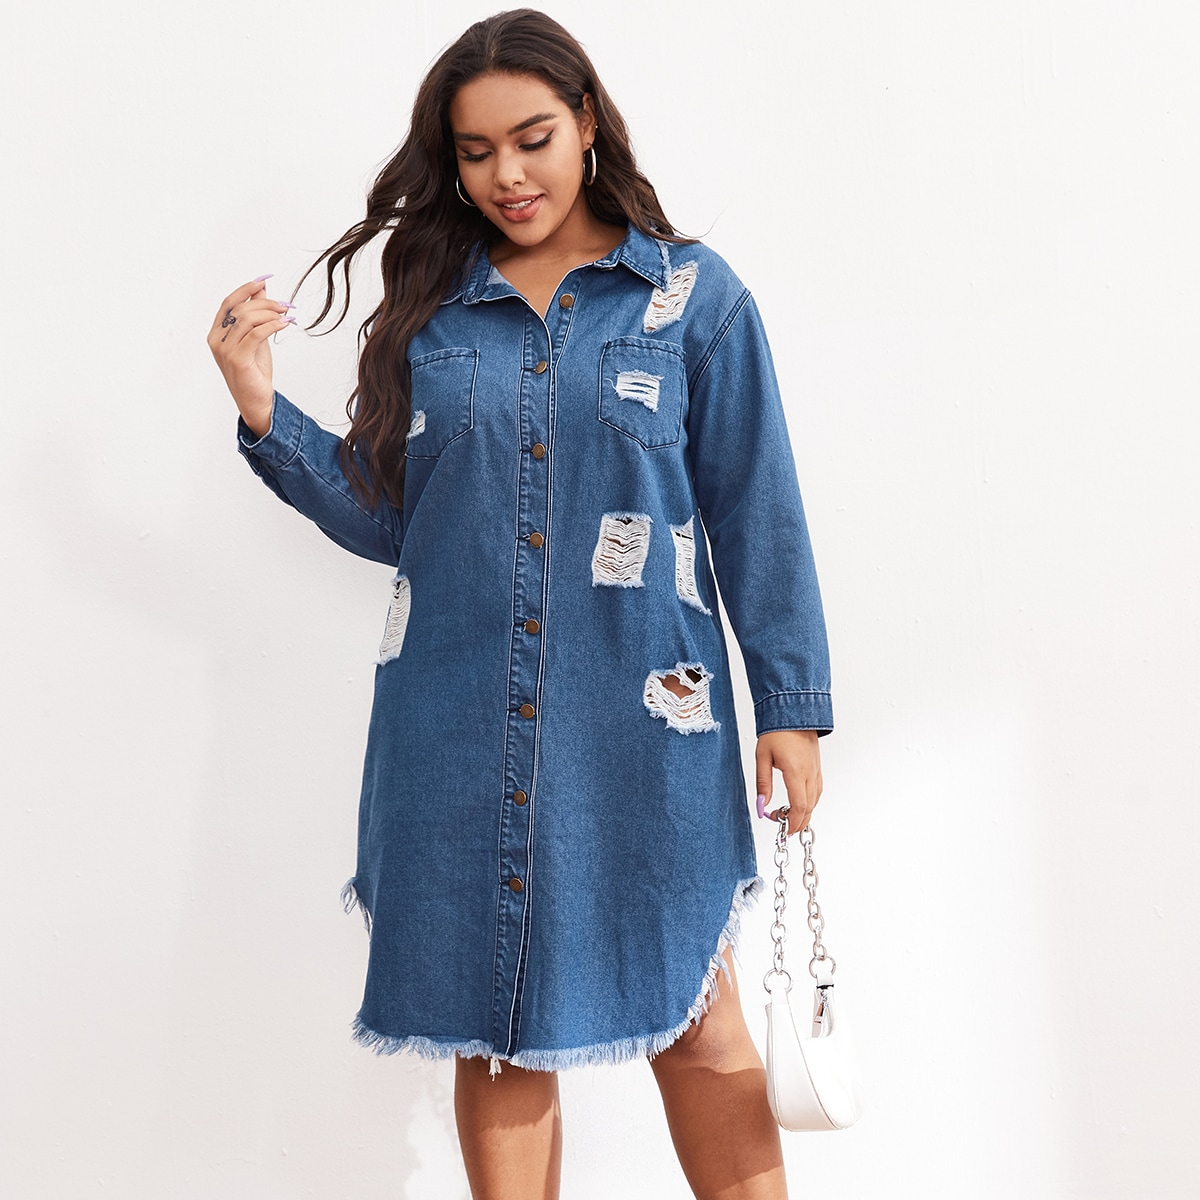 Рваное джинсовое платье размера плюс